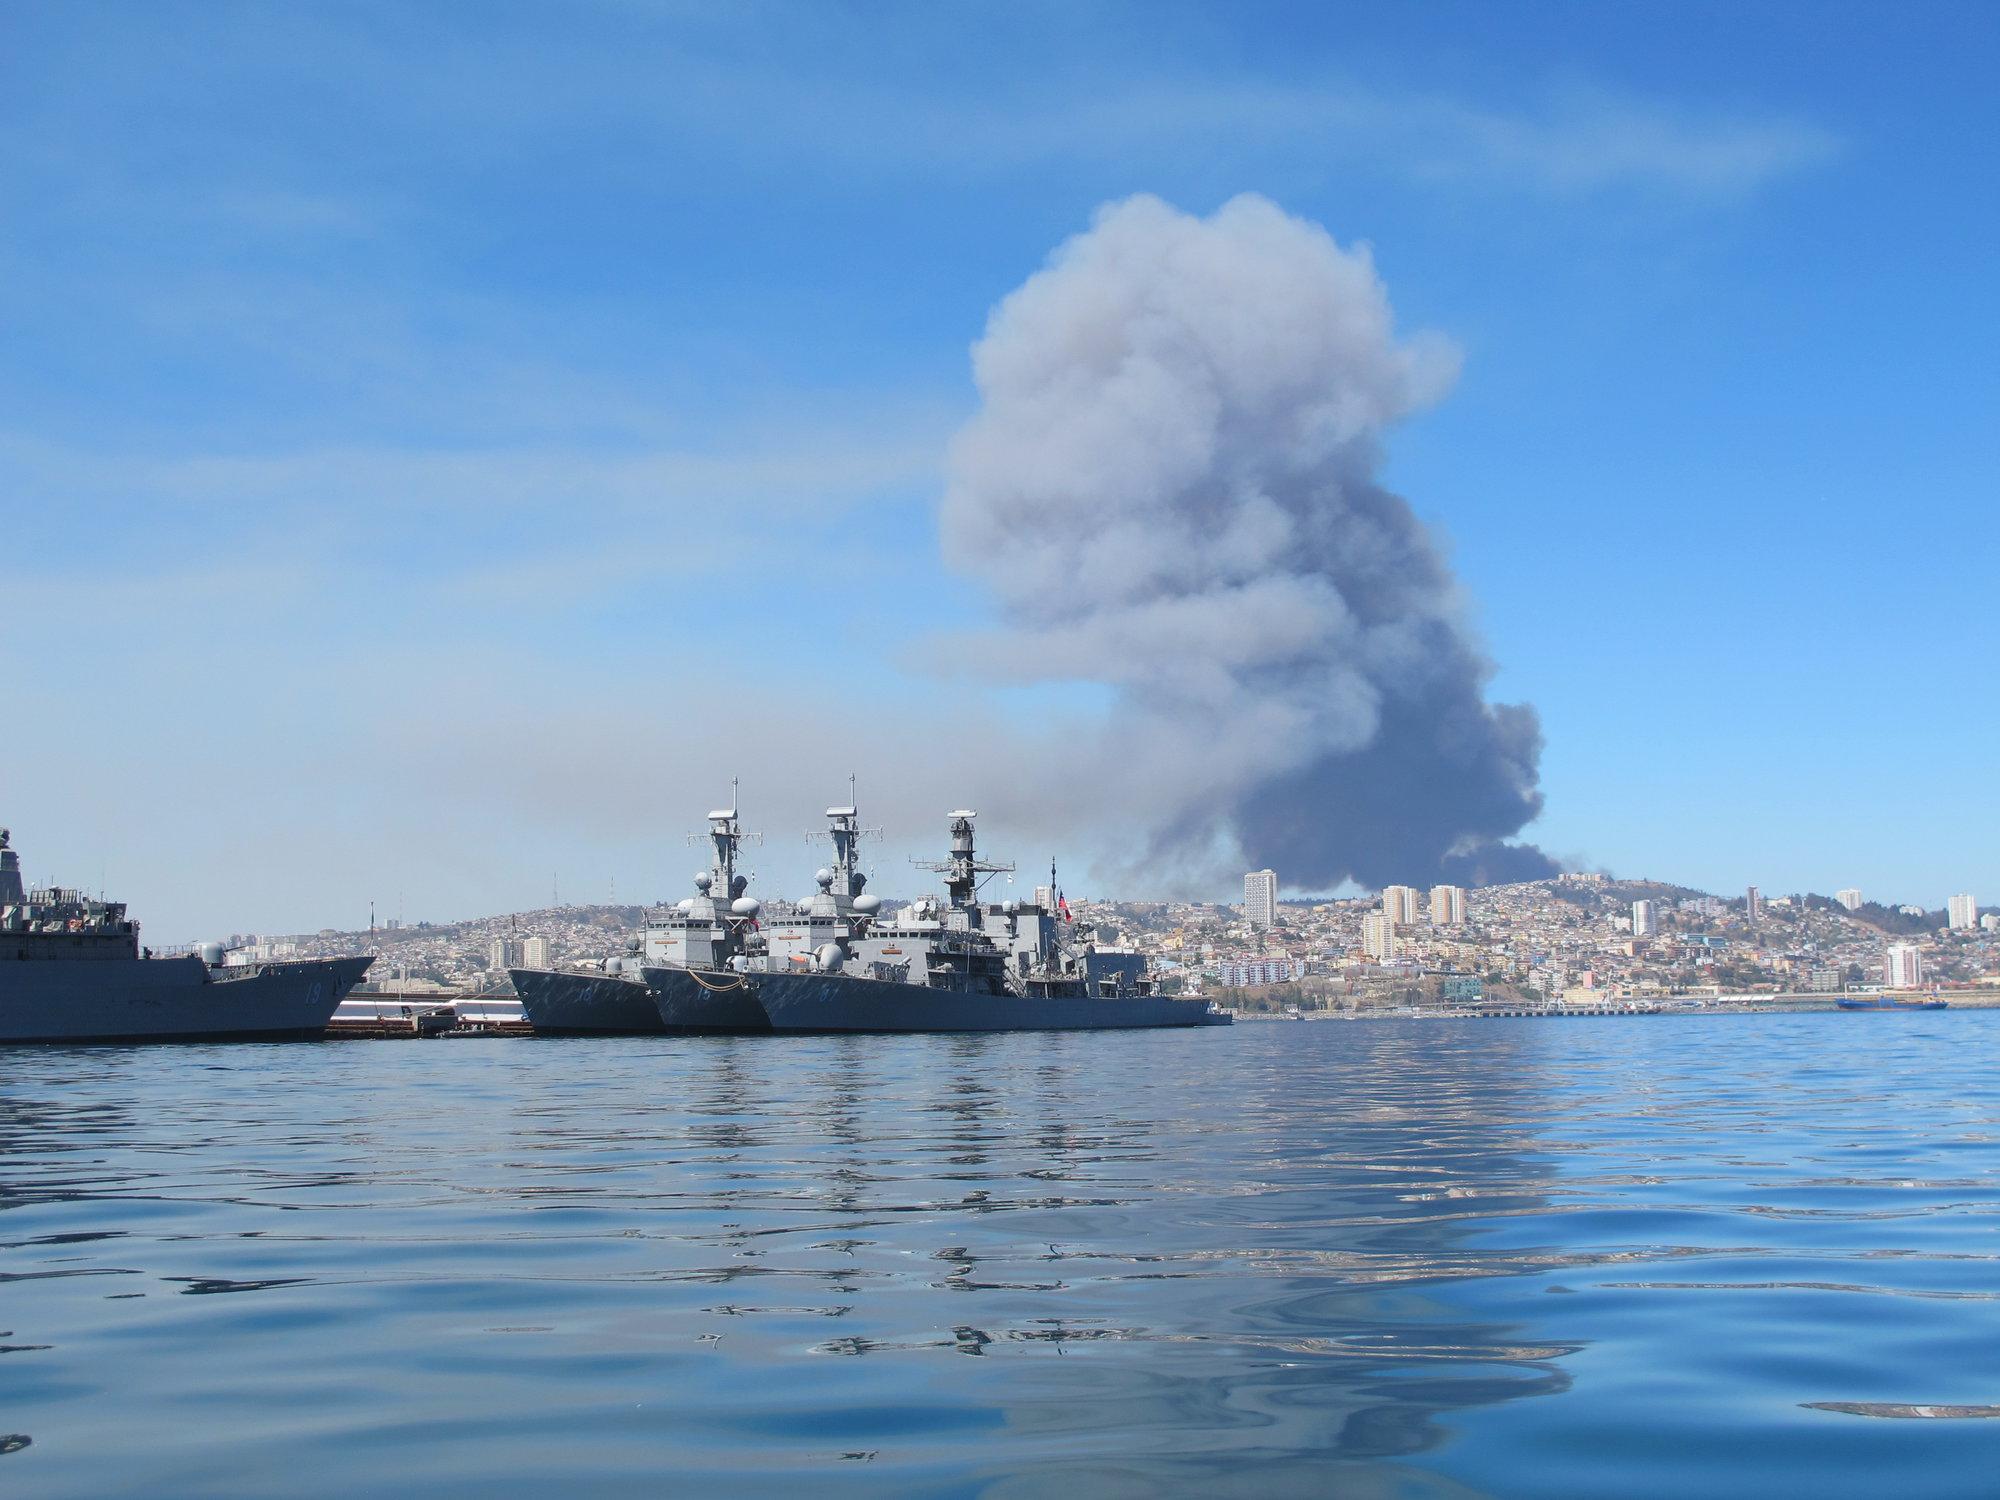 корабли чильской армии